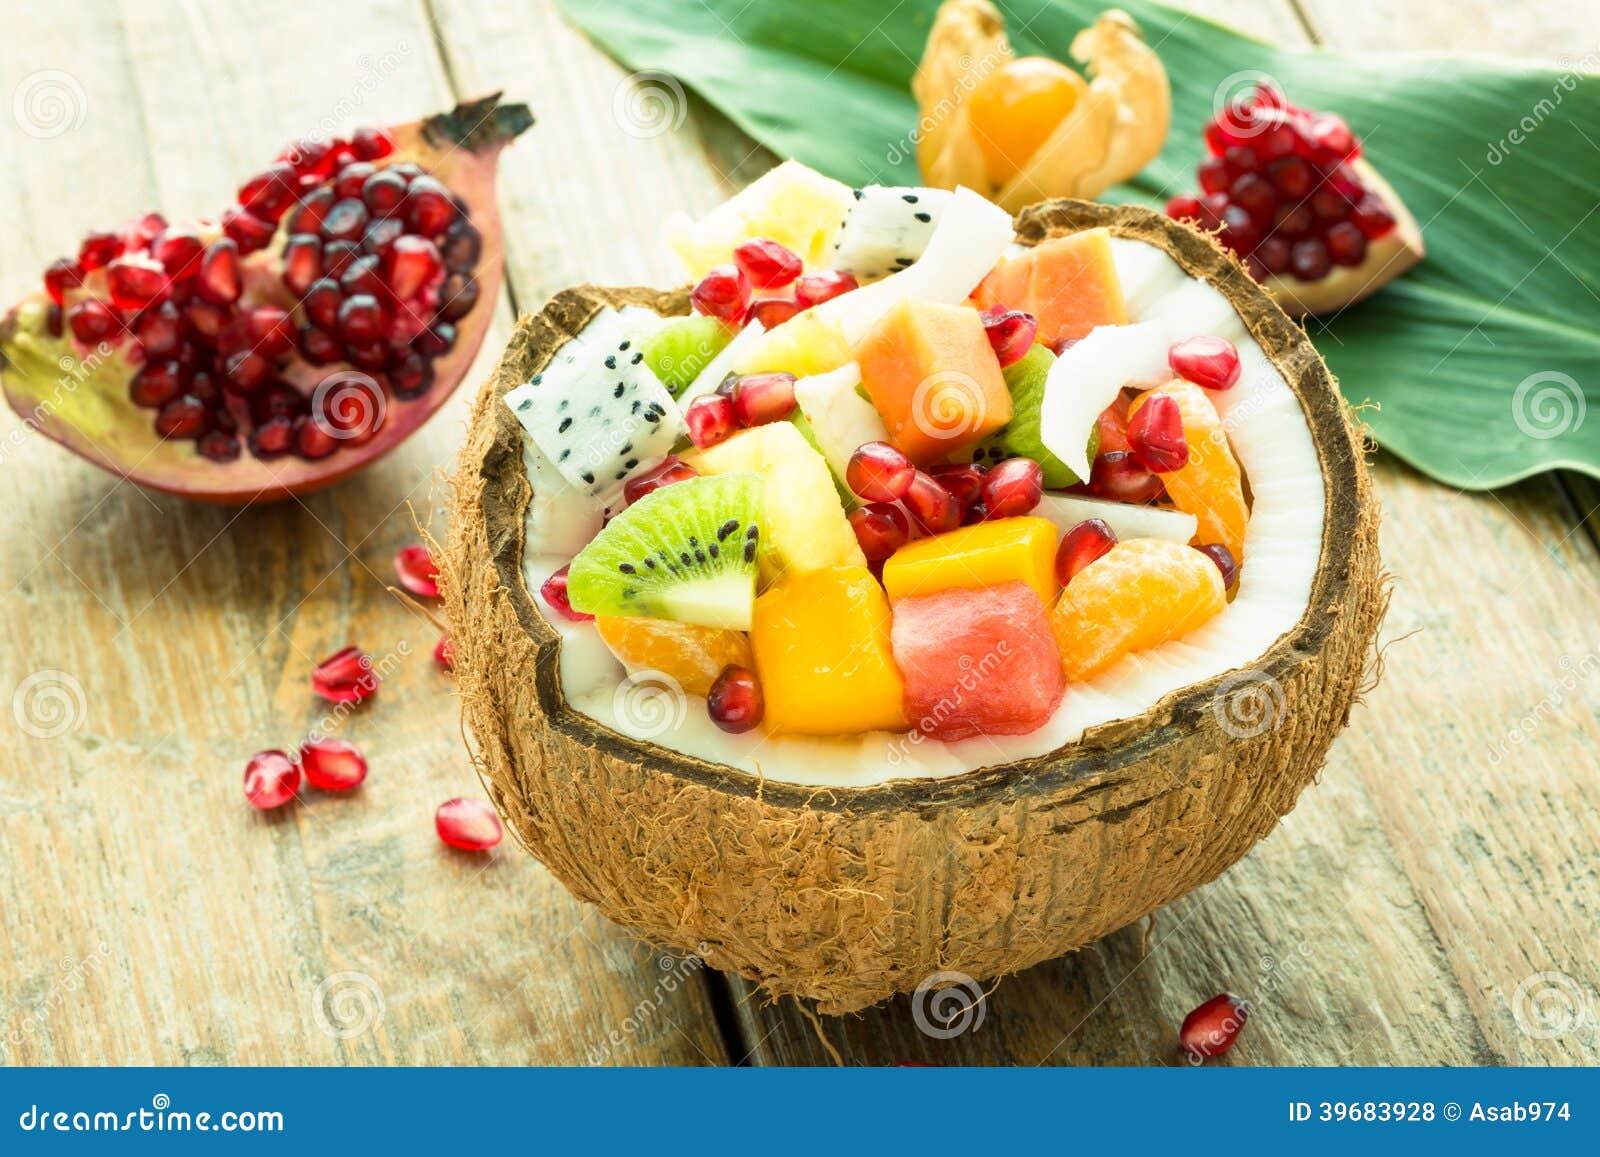 Exotischer frischer Obstsalat